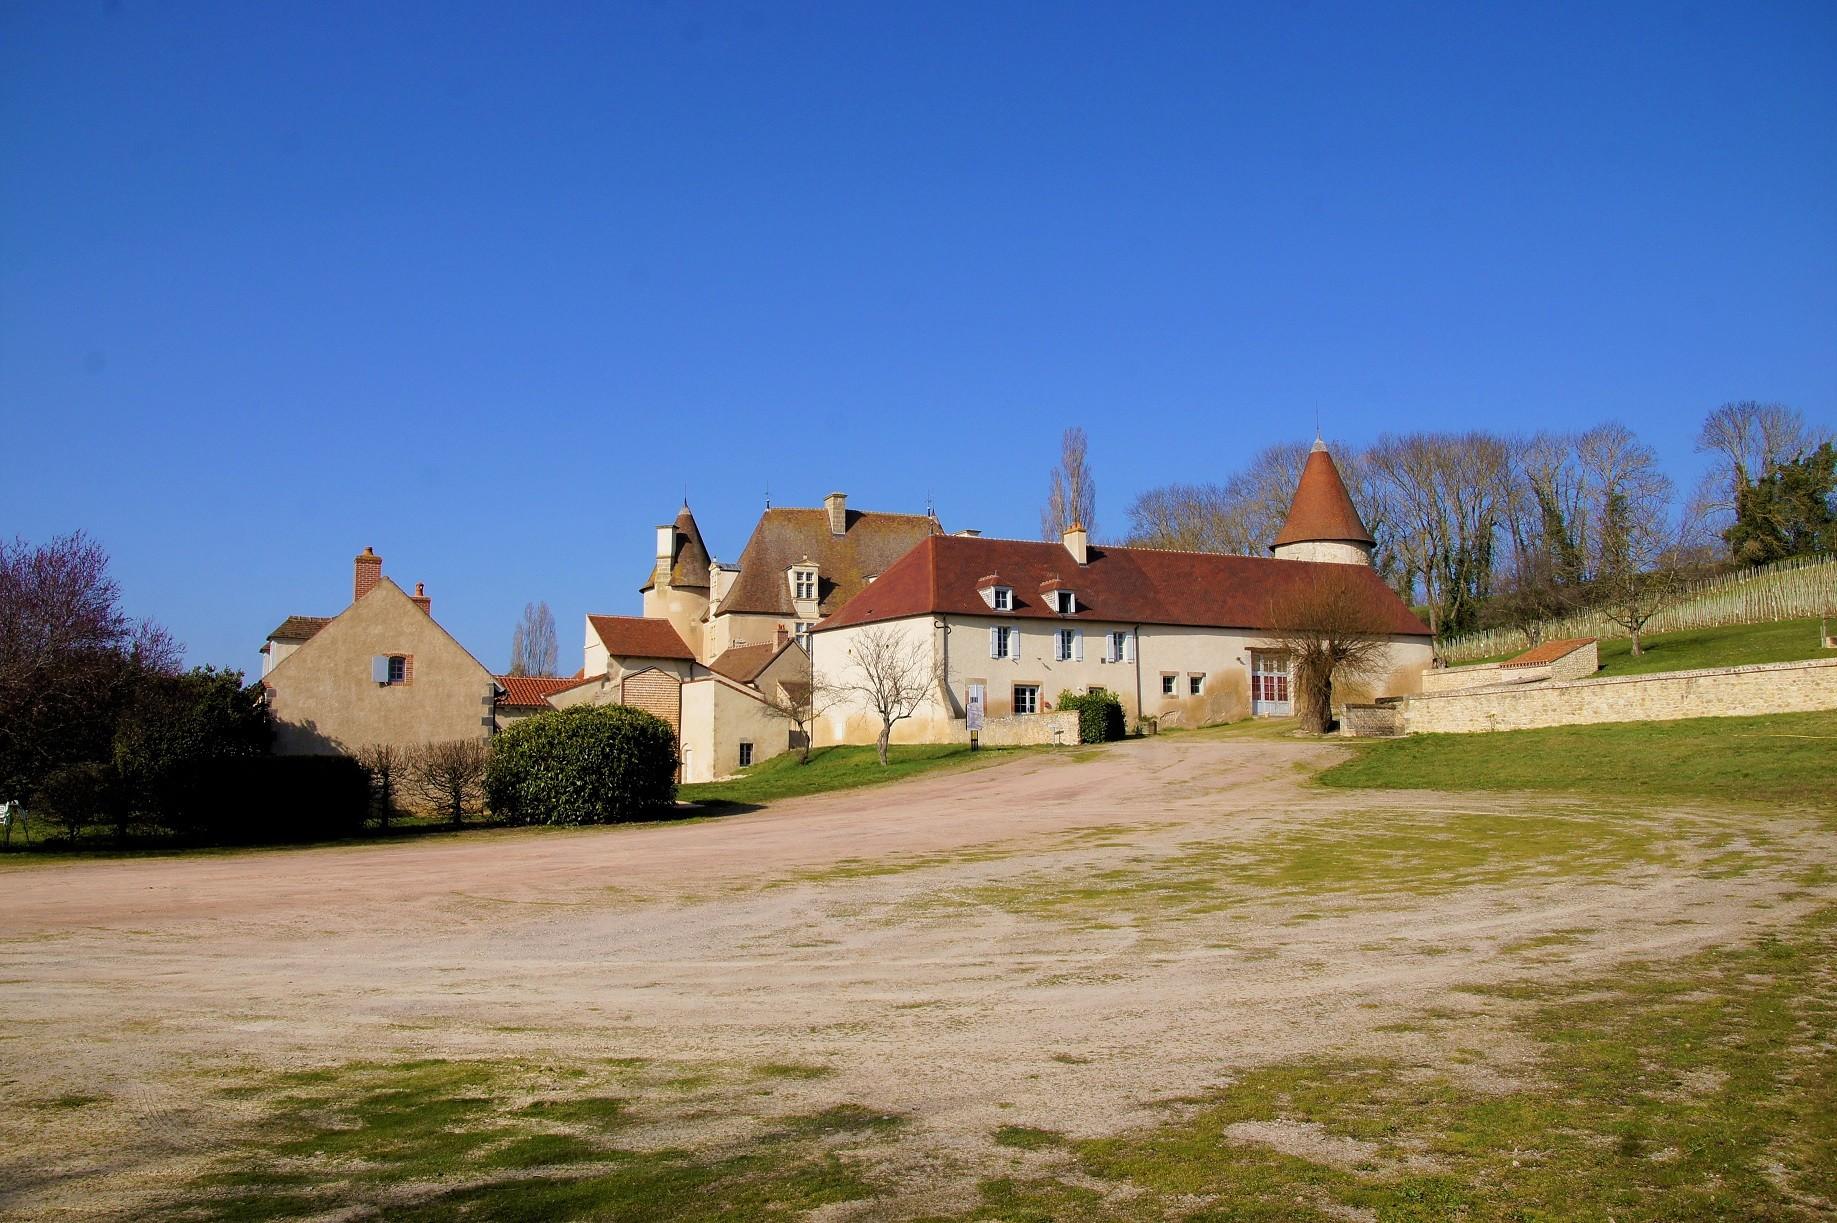 Chateau du bas Chareil Cintrat